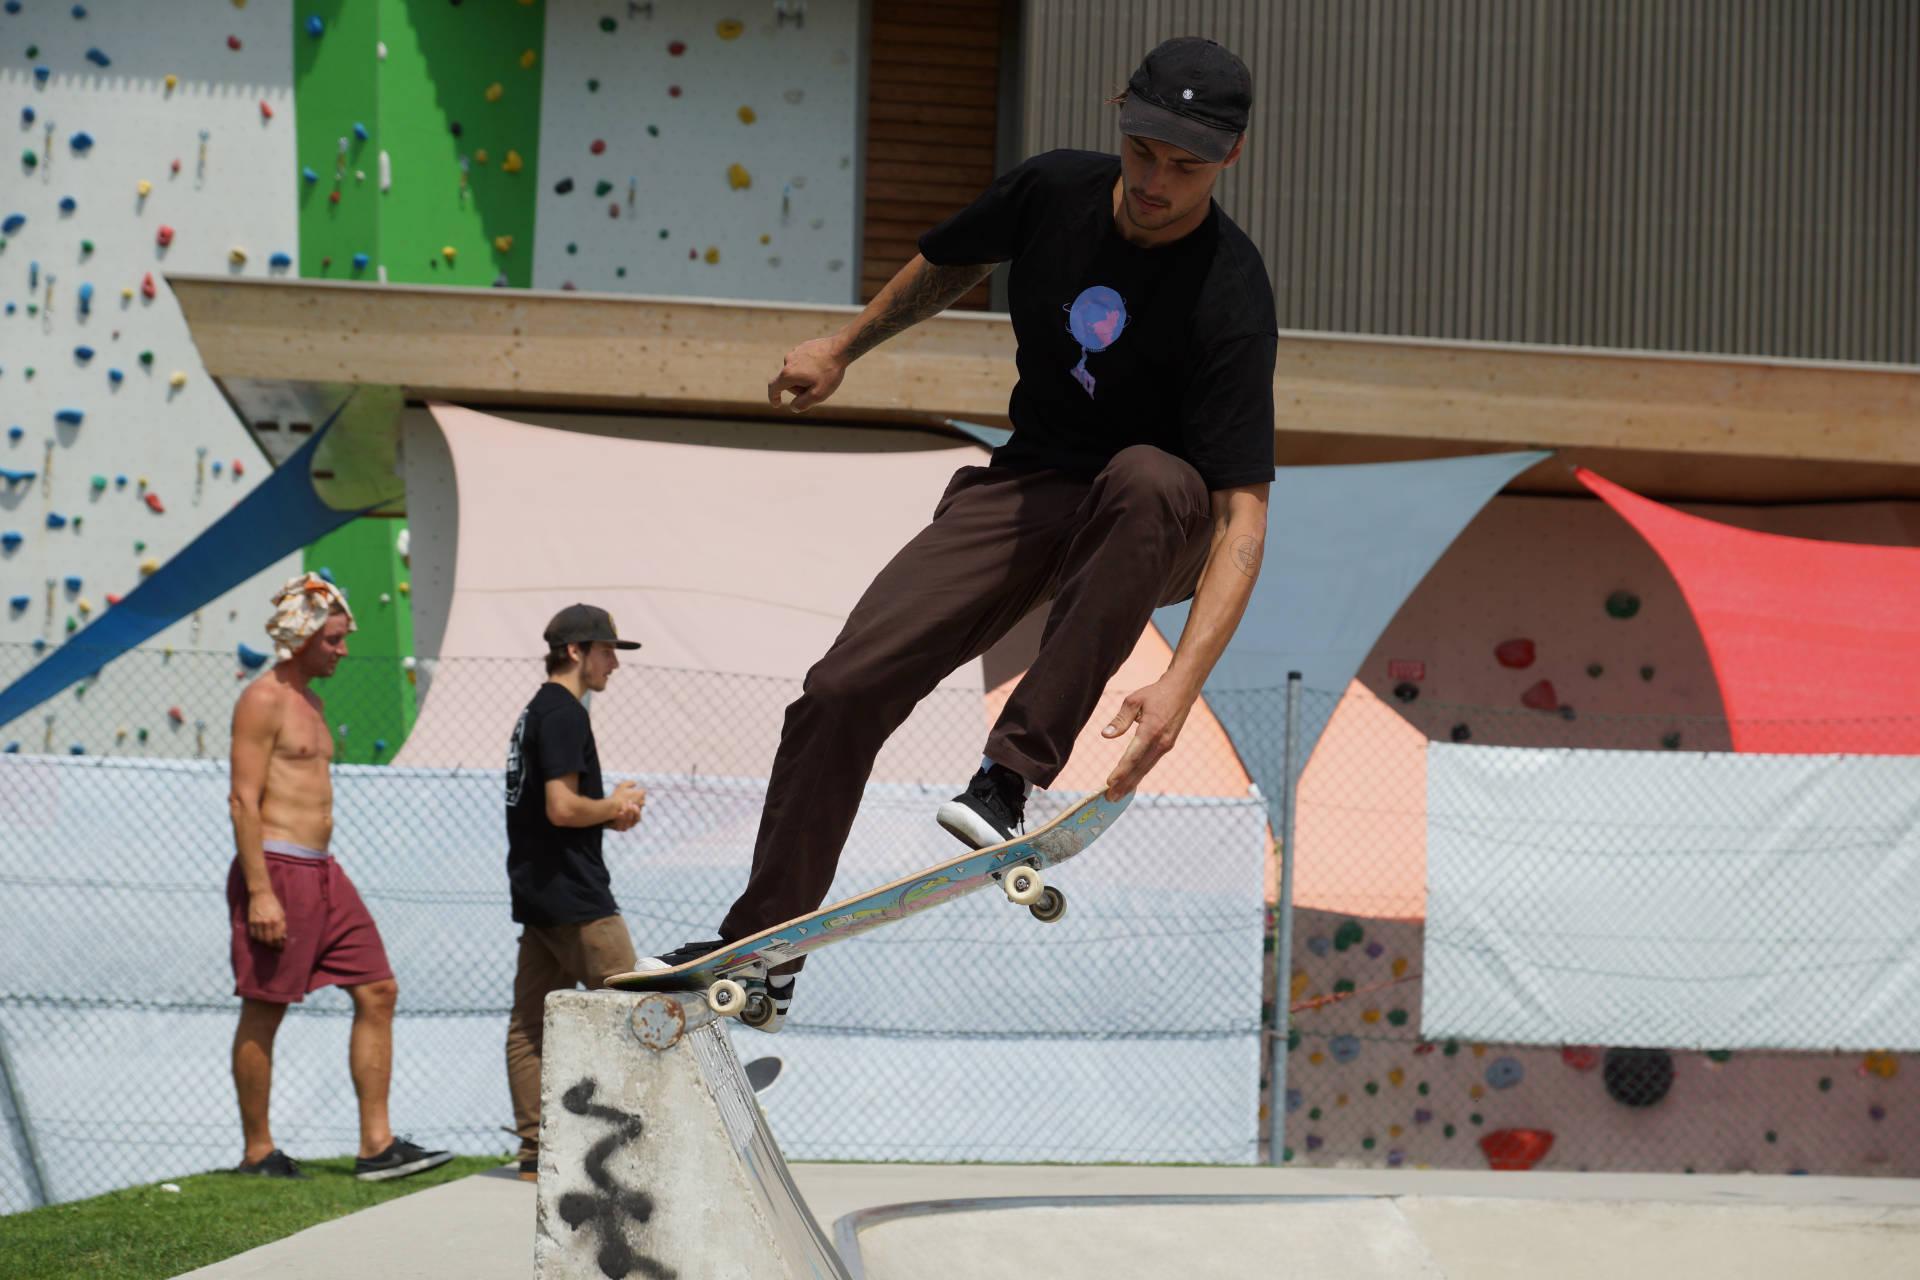 skateboardheadz st johann in tirol kgt 2019 finale 00003